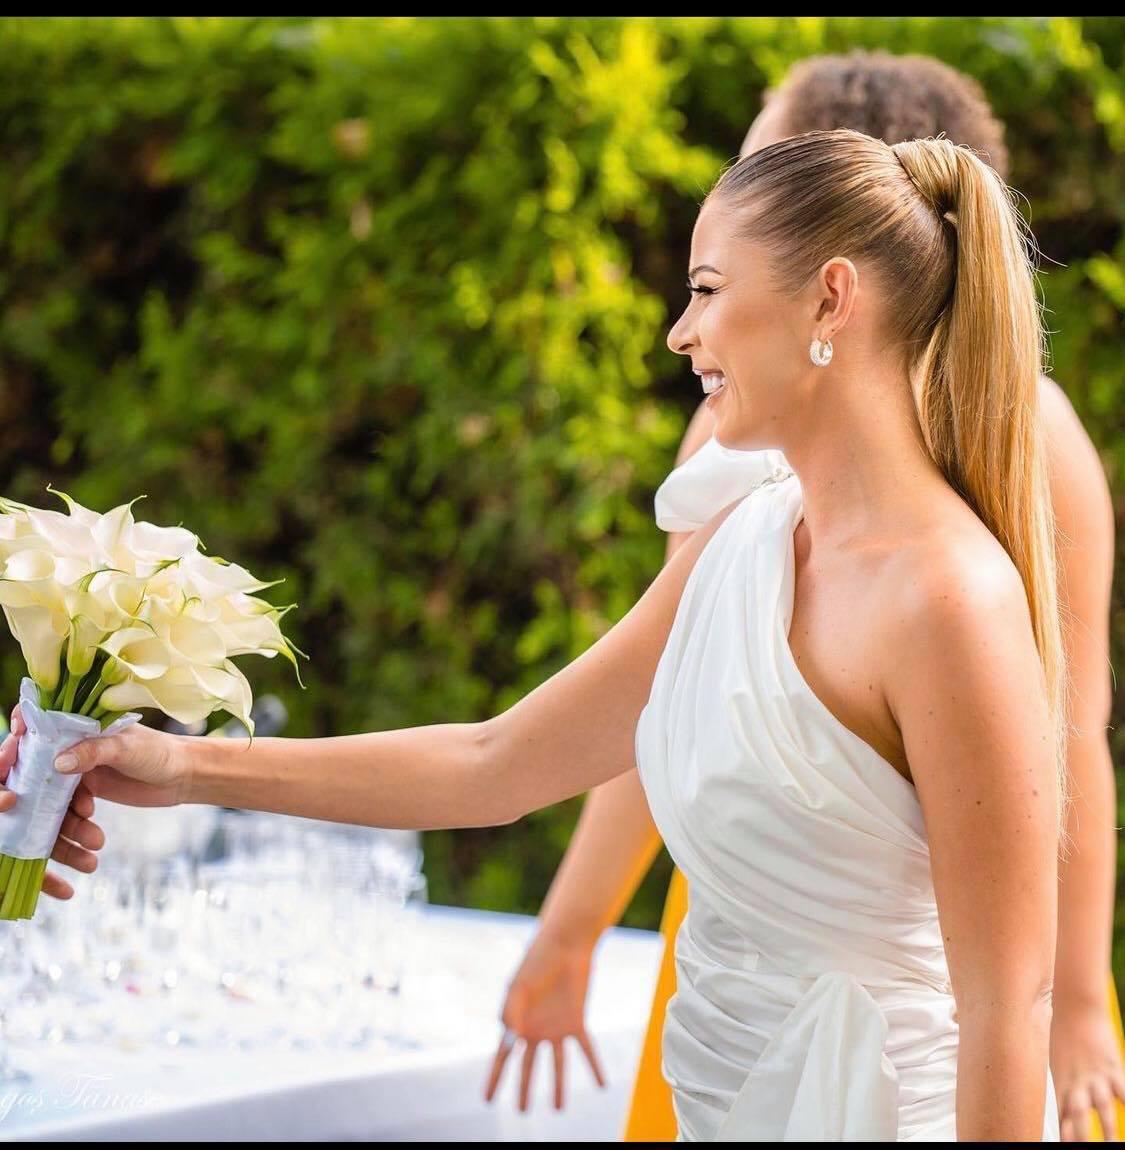 Ce critici a primit Roxana Nemeș după nuntă! Internauții îl consideră prea bătrân pe partenerul ei